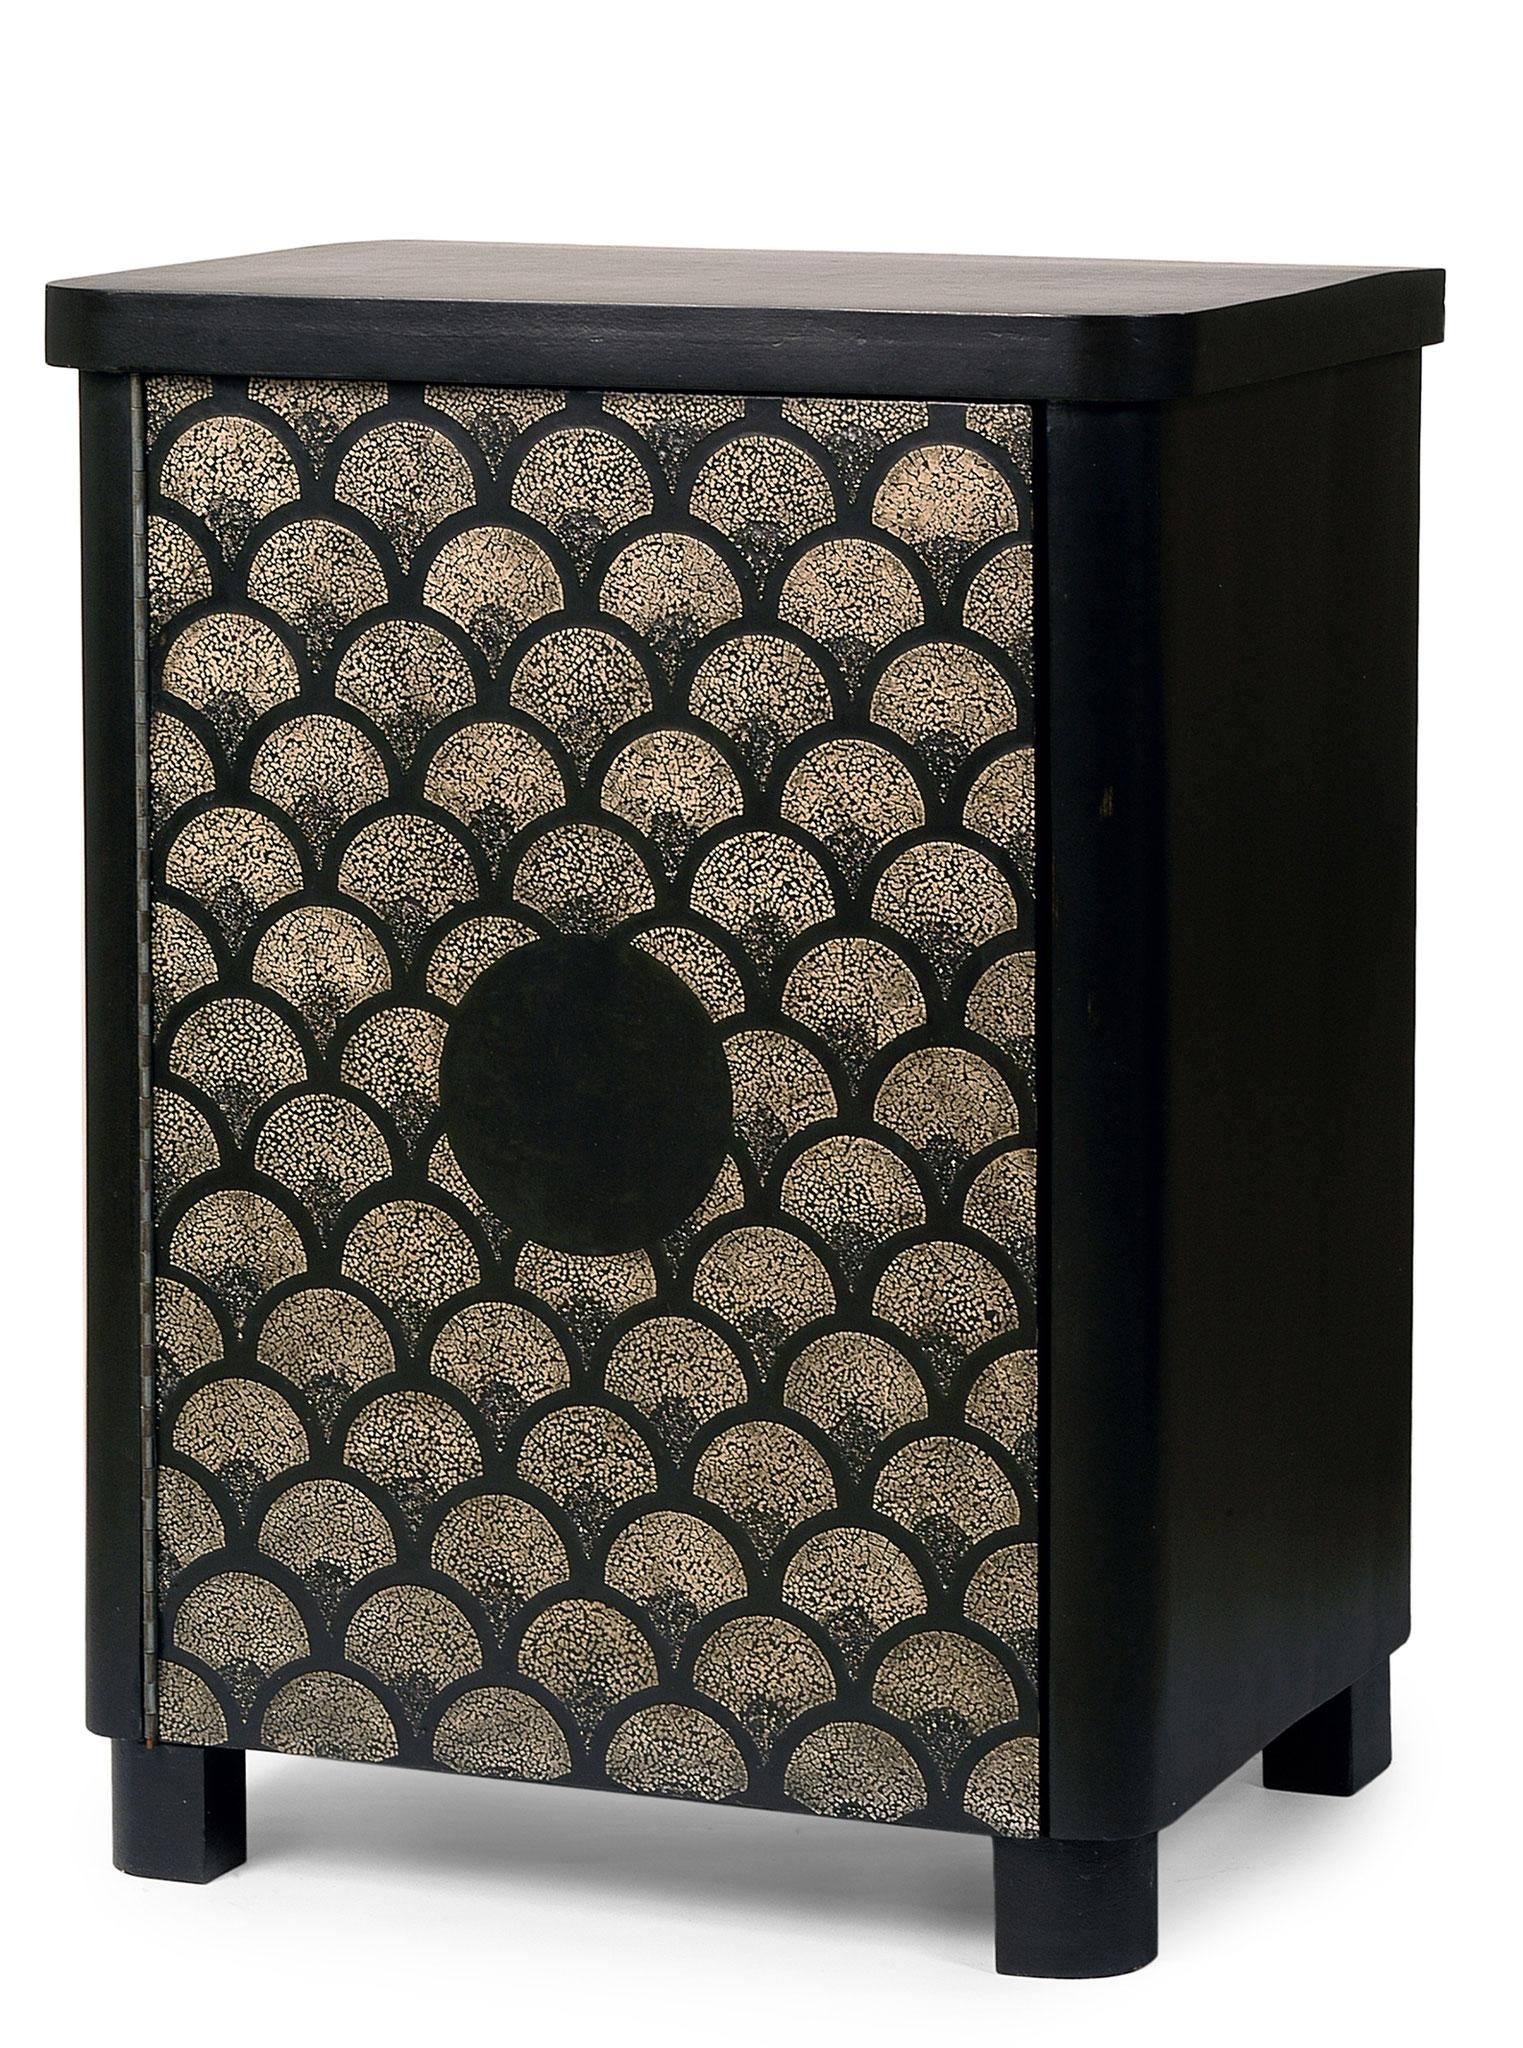 Commode laquée avec incrustation de coquilles d'œufs - Ancien meuble des années 30 -  79 x 58 x 45 cm